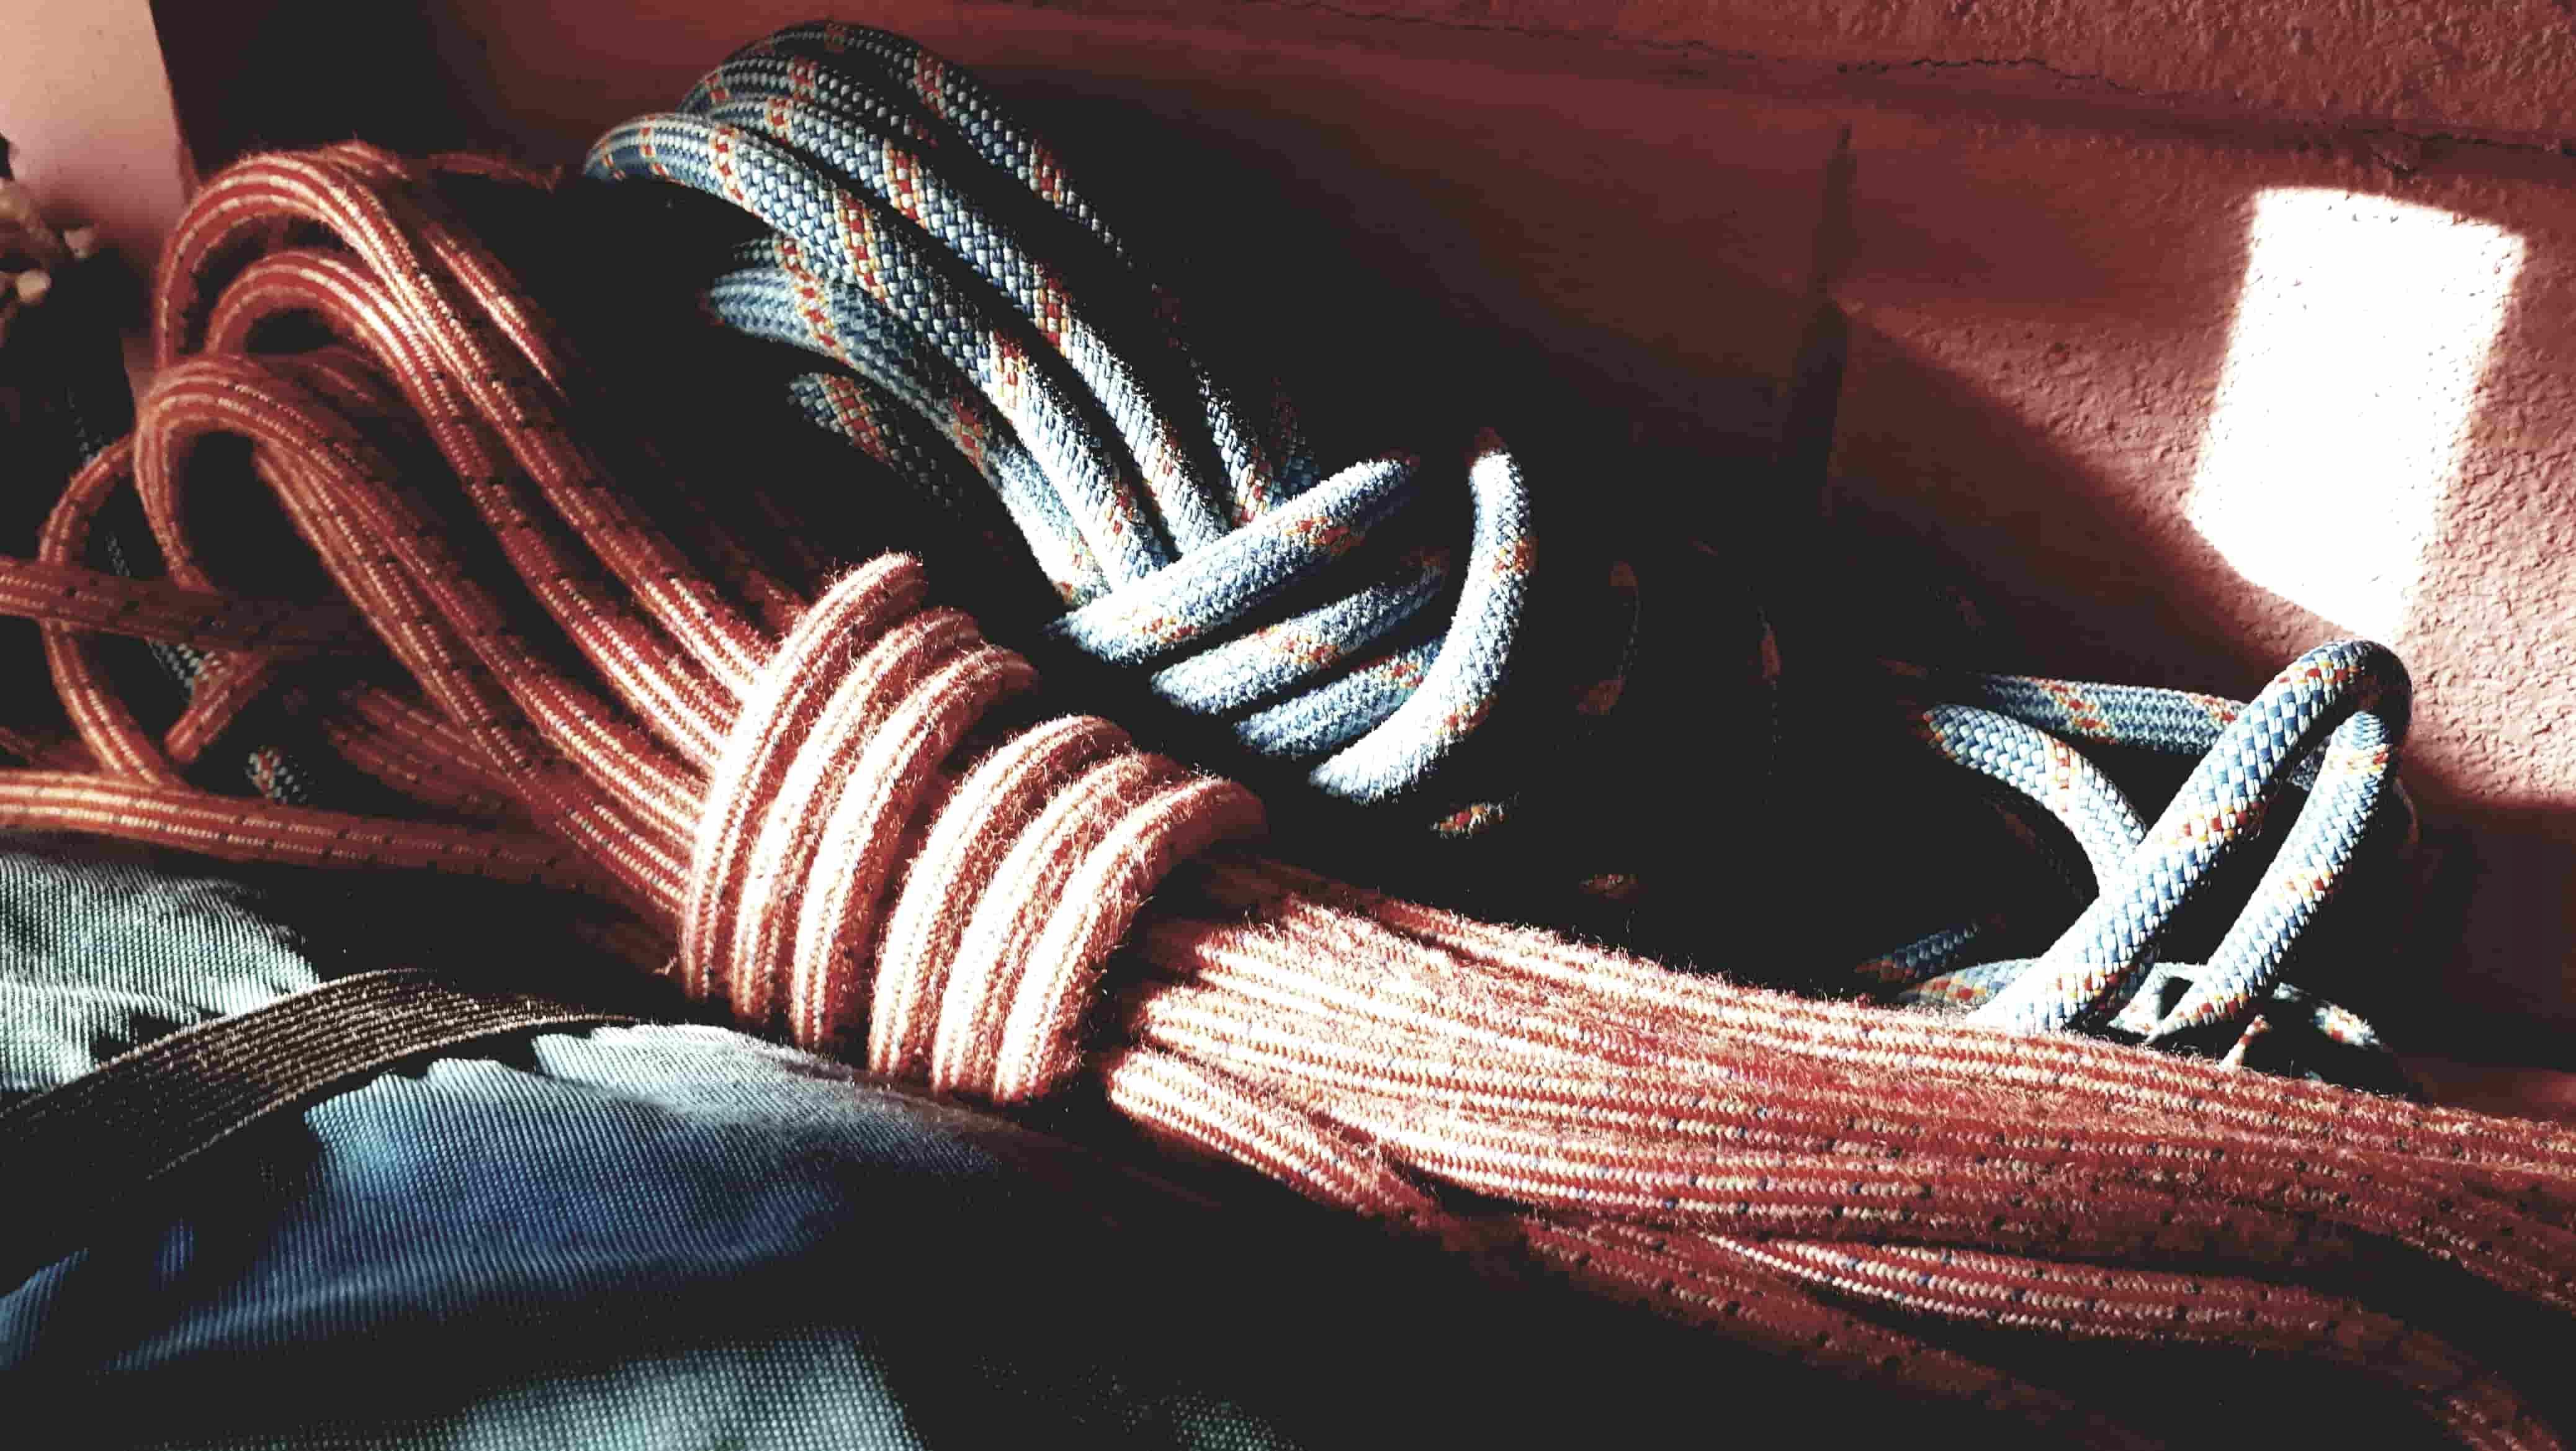 Manutenzione della corda d'arrampicata: come proteggerla quando non la si utilizza